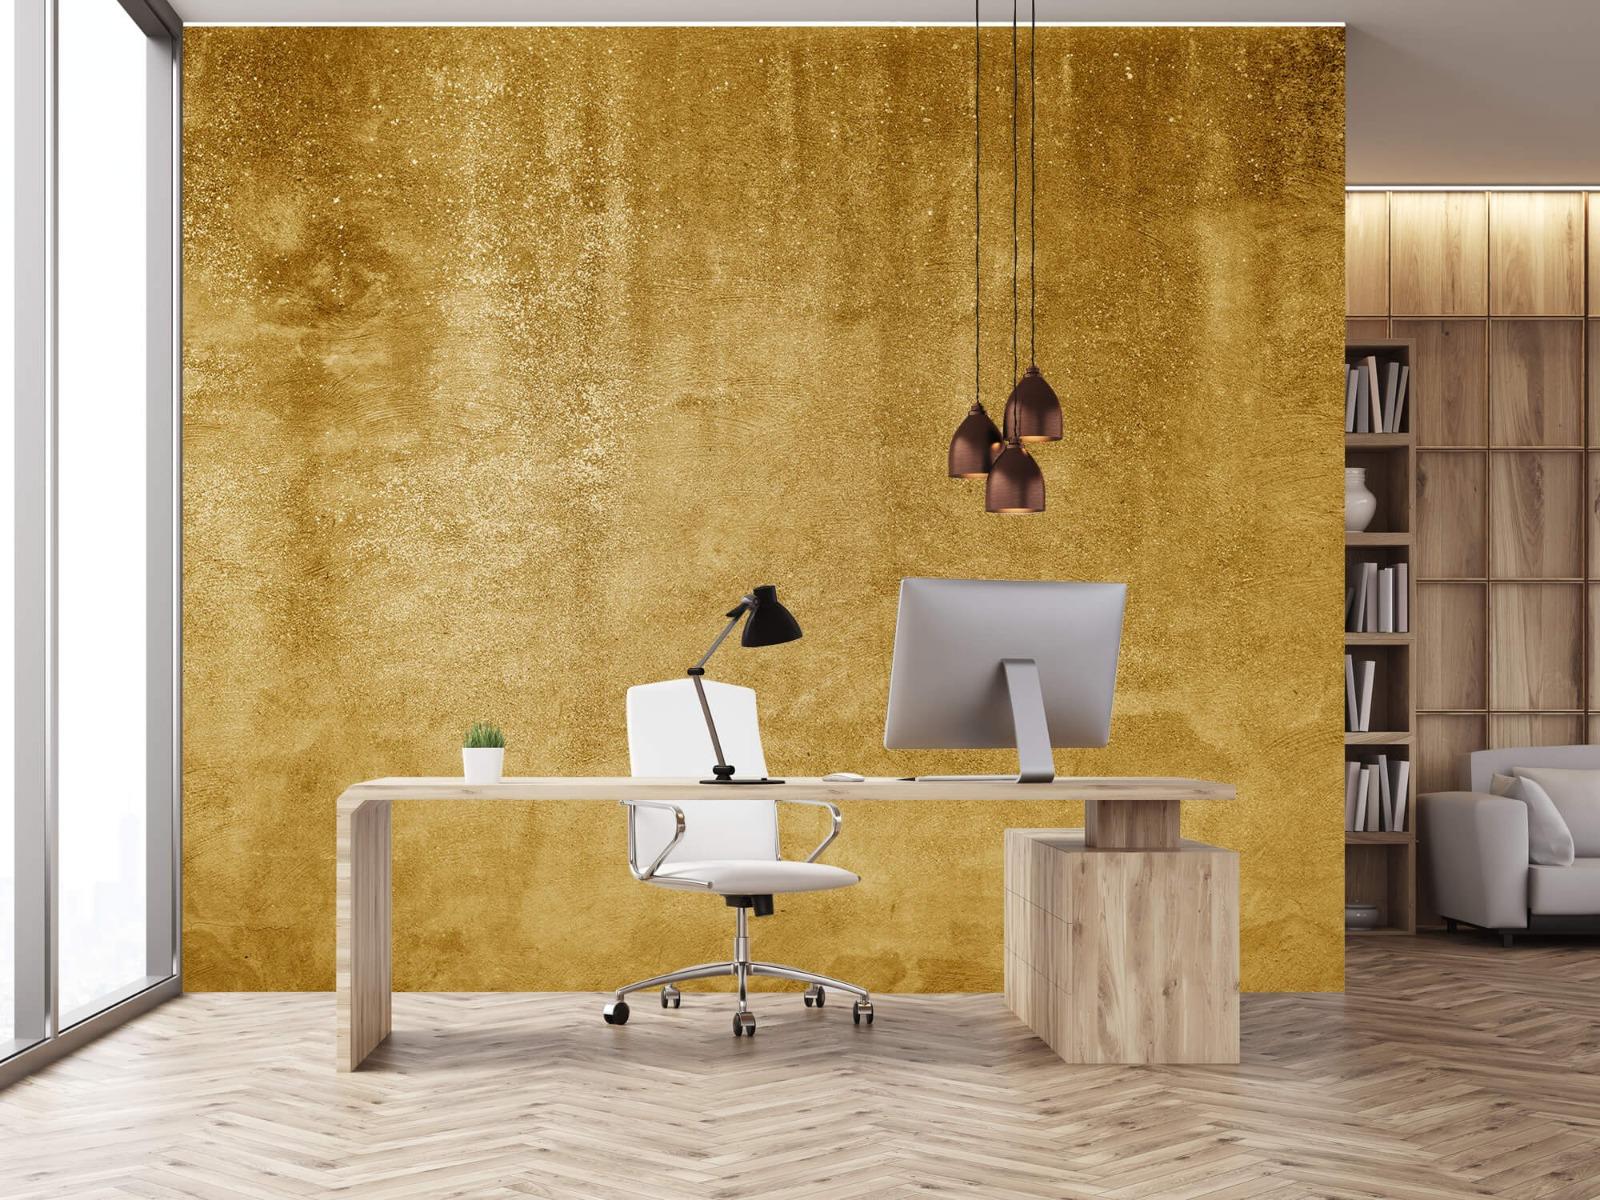 Betonoptik Tapete - Ockerhaltiger gelber Beton auf Fototapete - Wohnzimmer 24